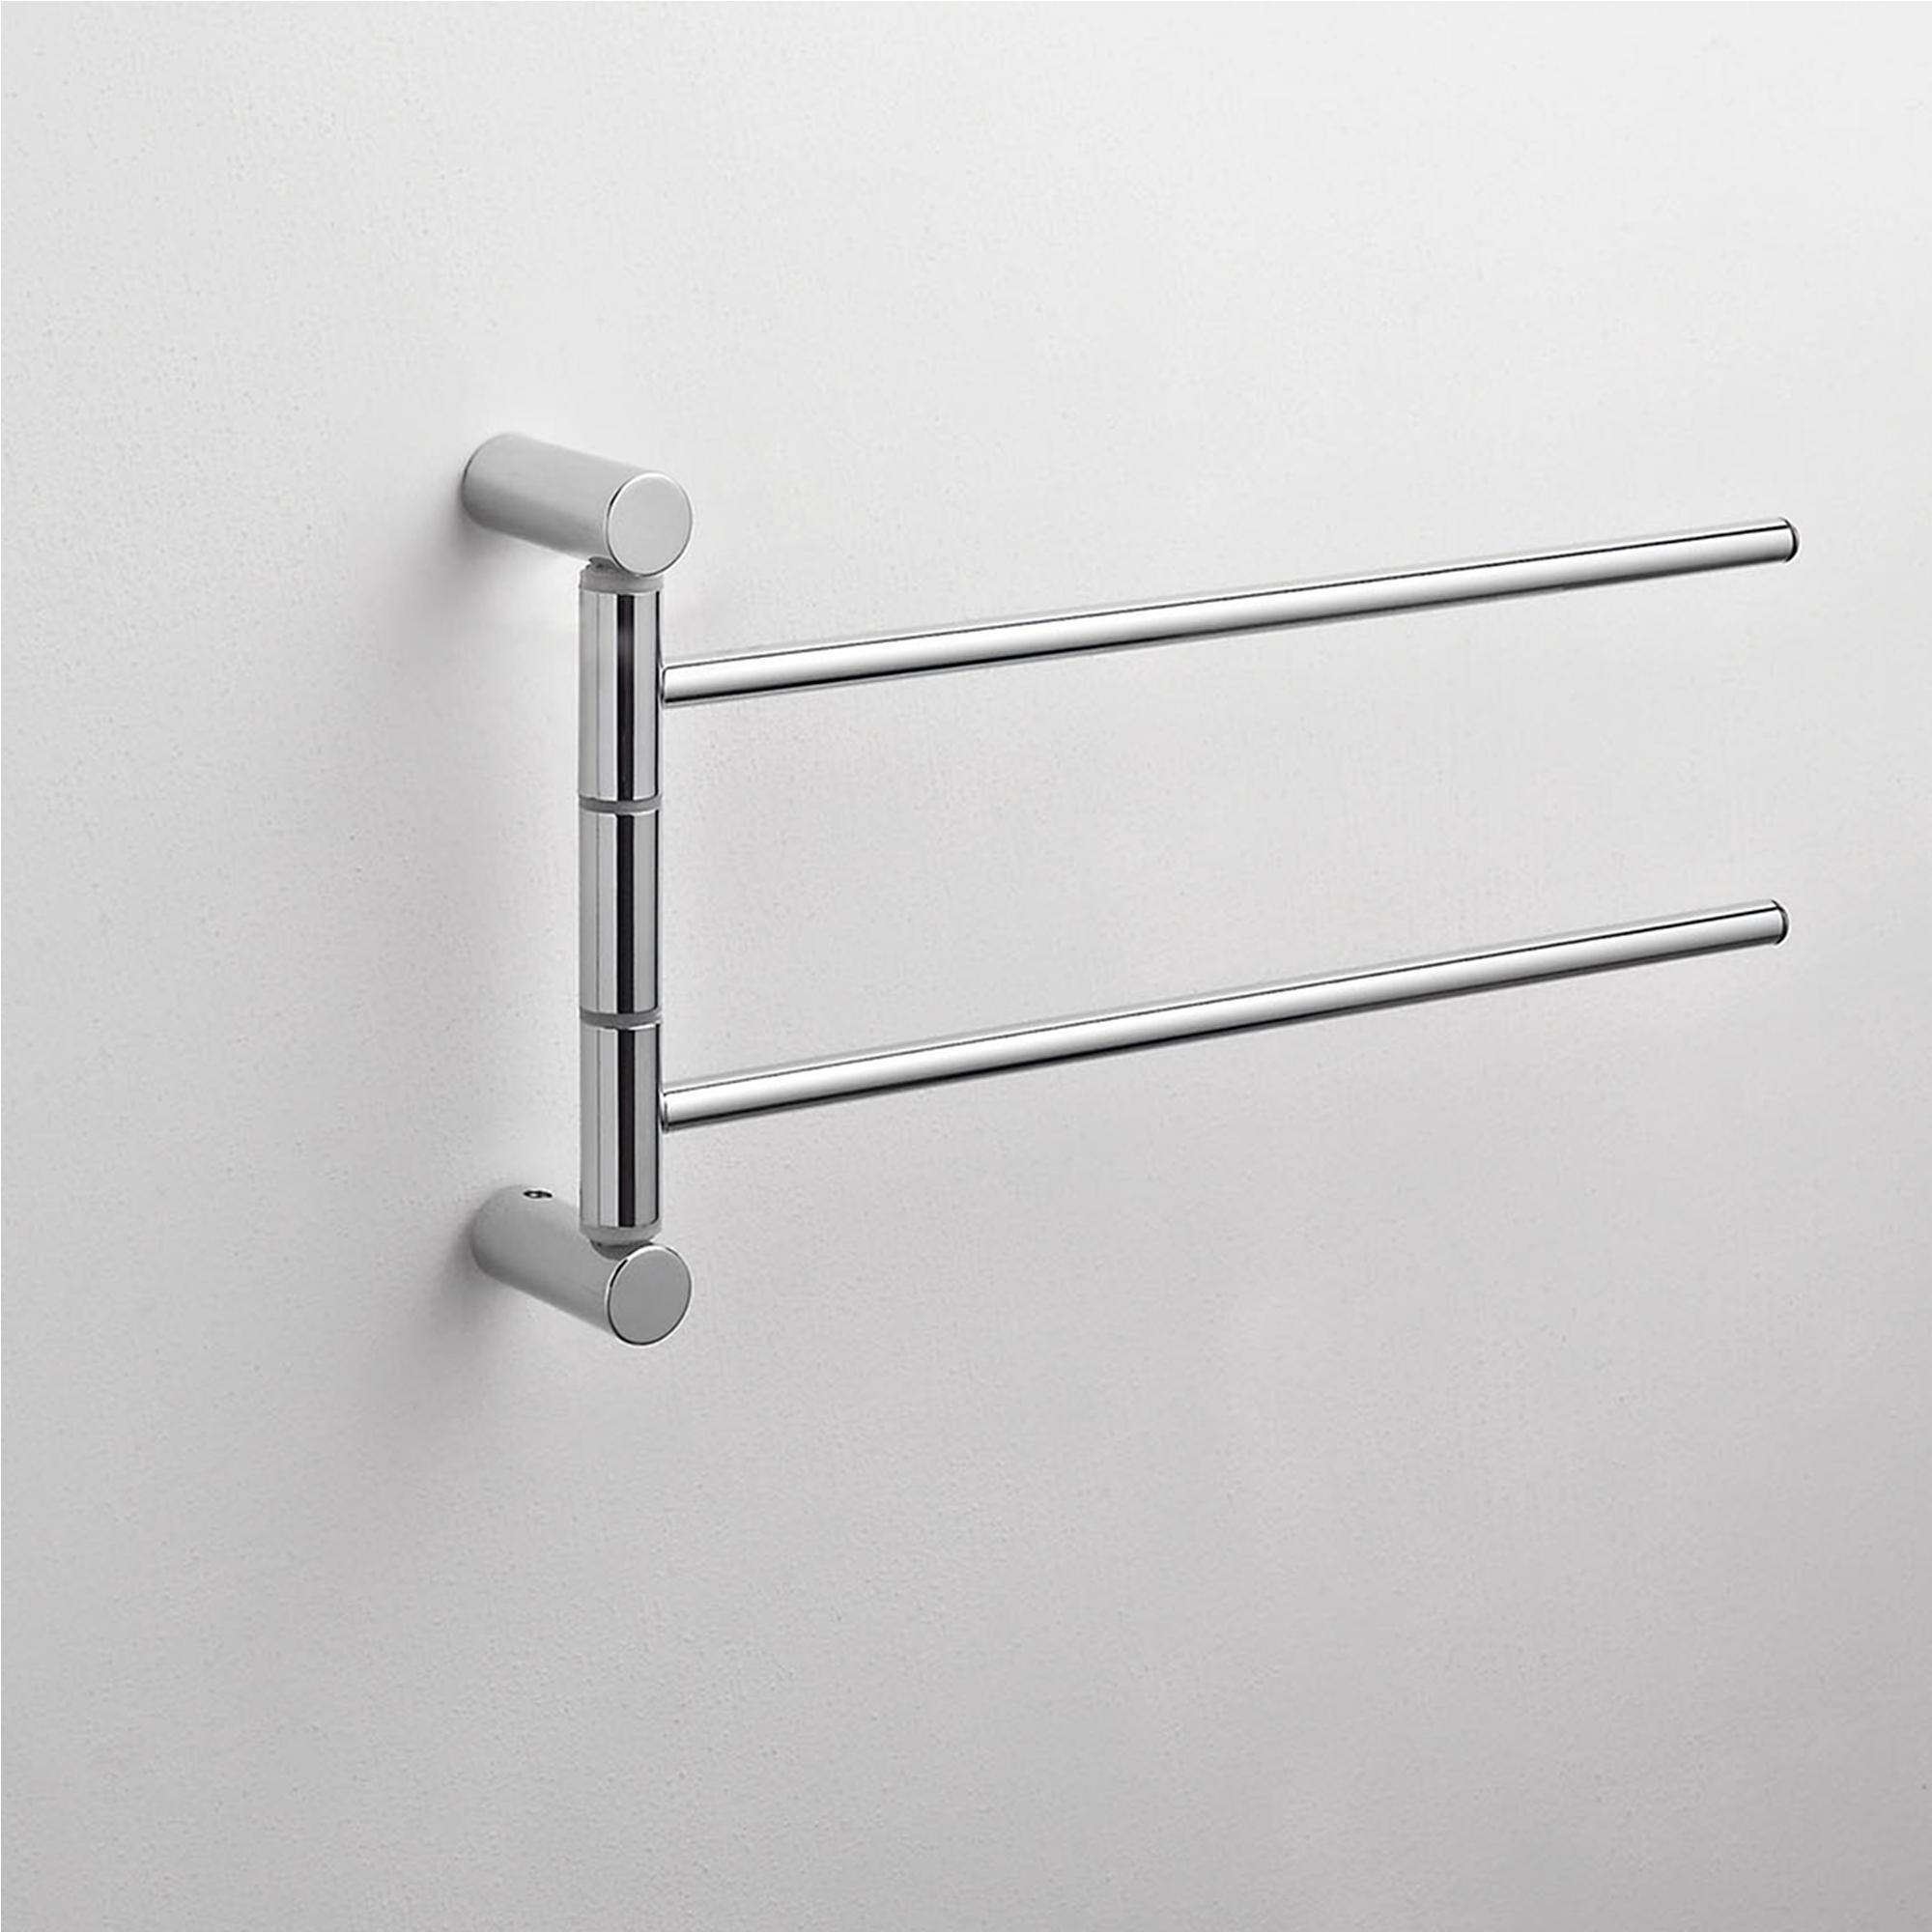 Porta asciugamani da bagno doppio 31x5xh16 cm finitura - Porta asciugamani bagno ...